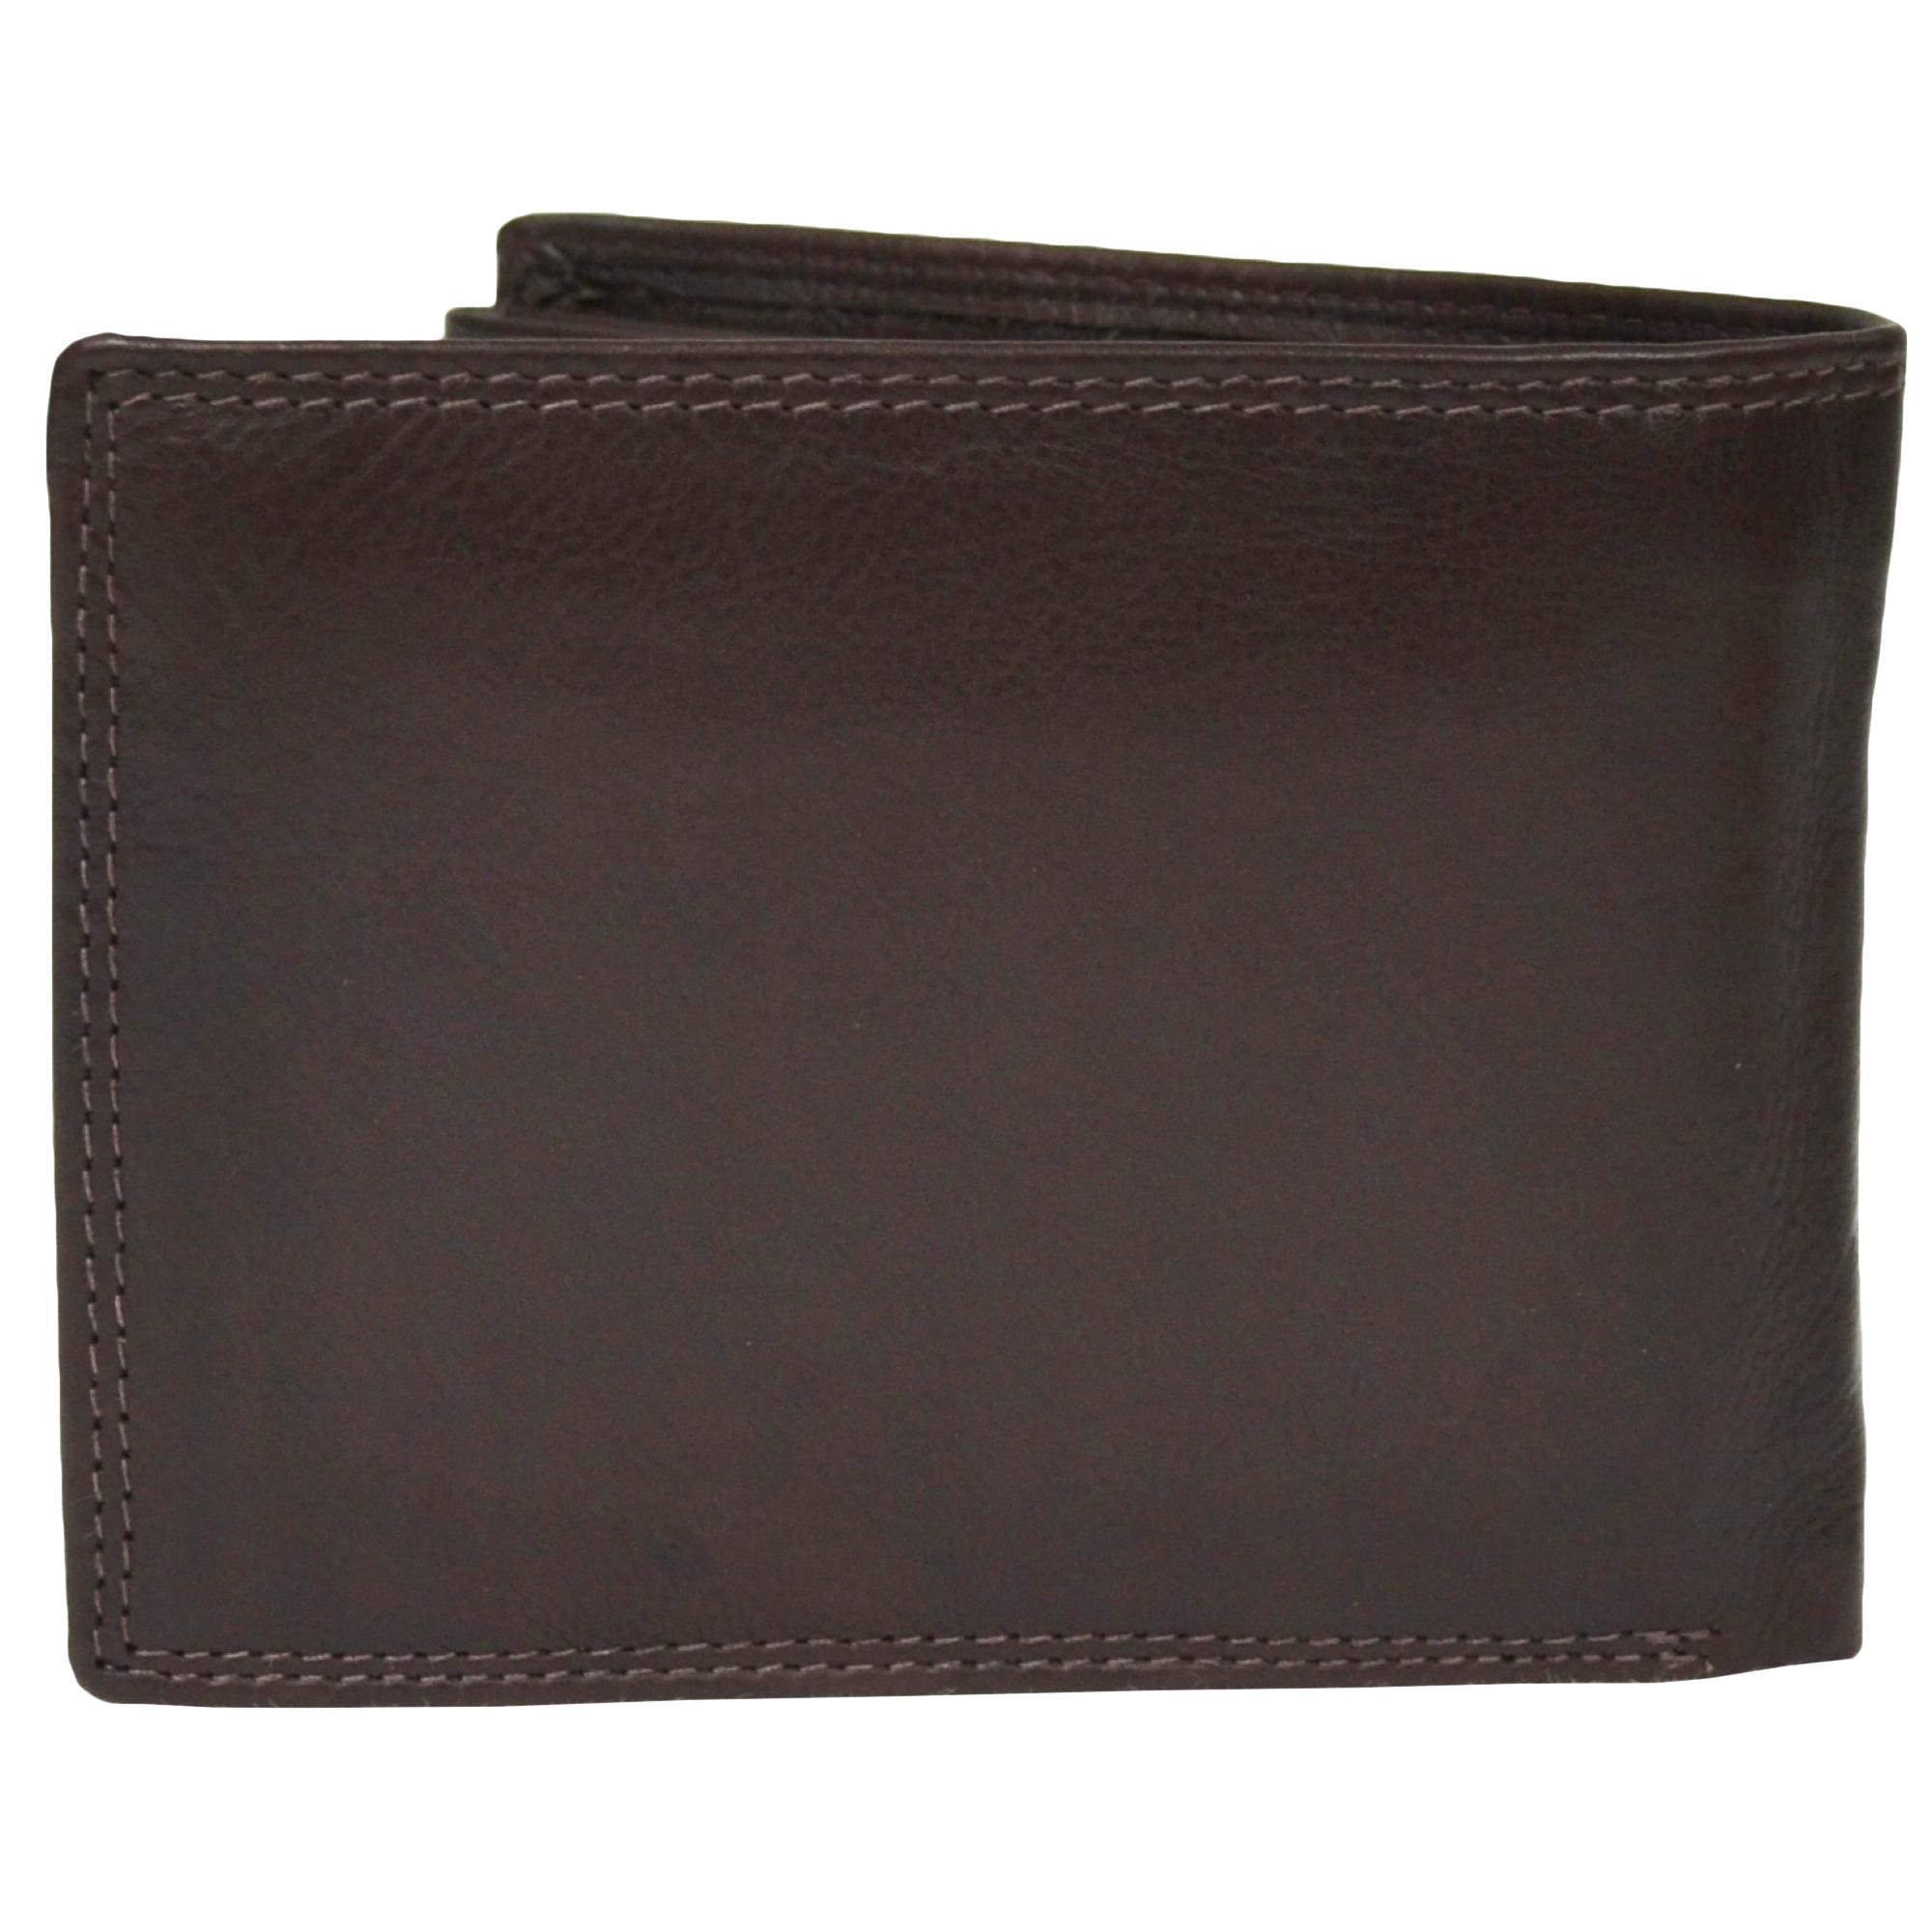 Soft Tri-Fold Leather Wallet - Sam